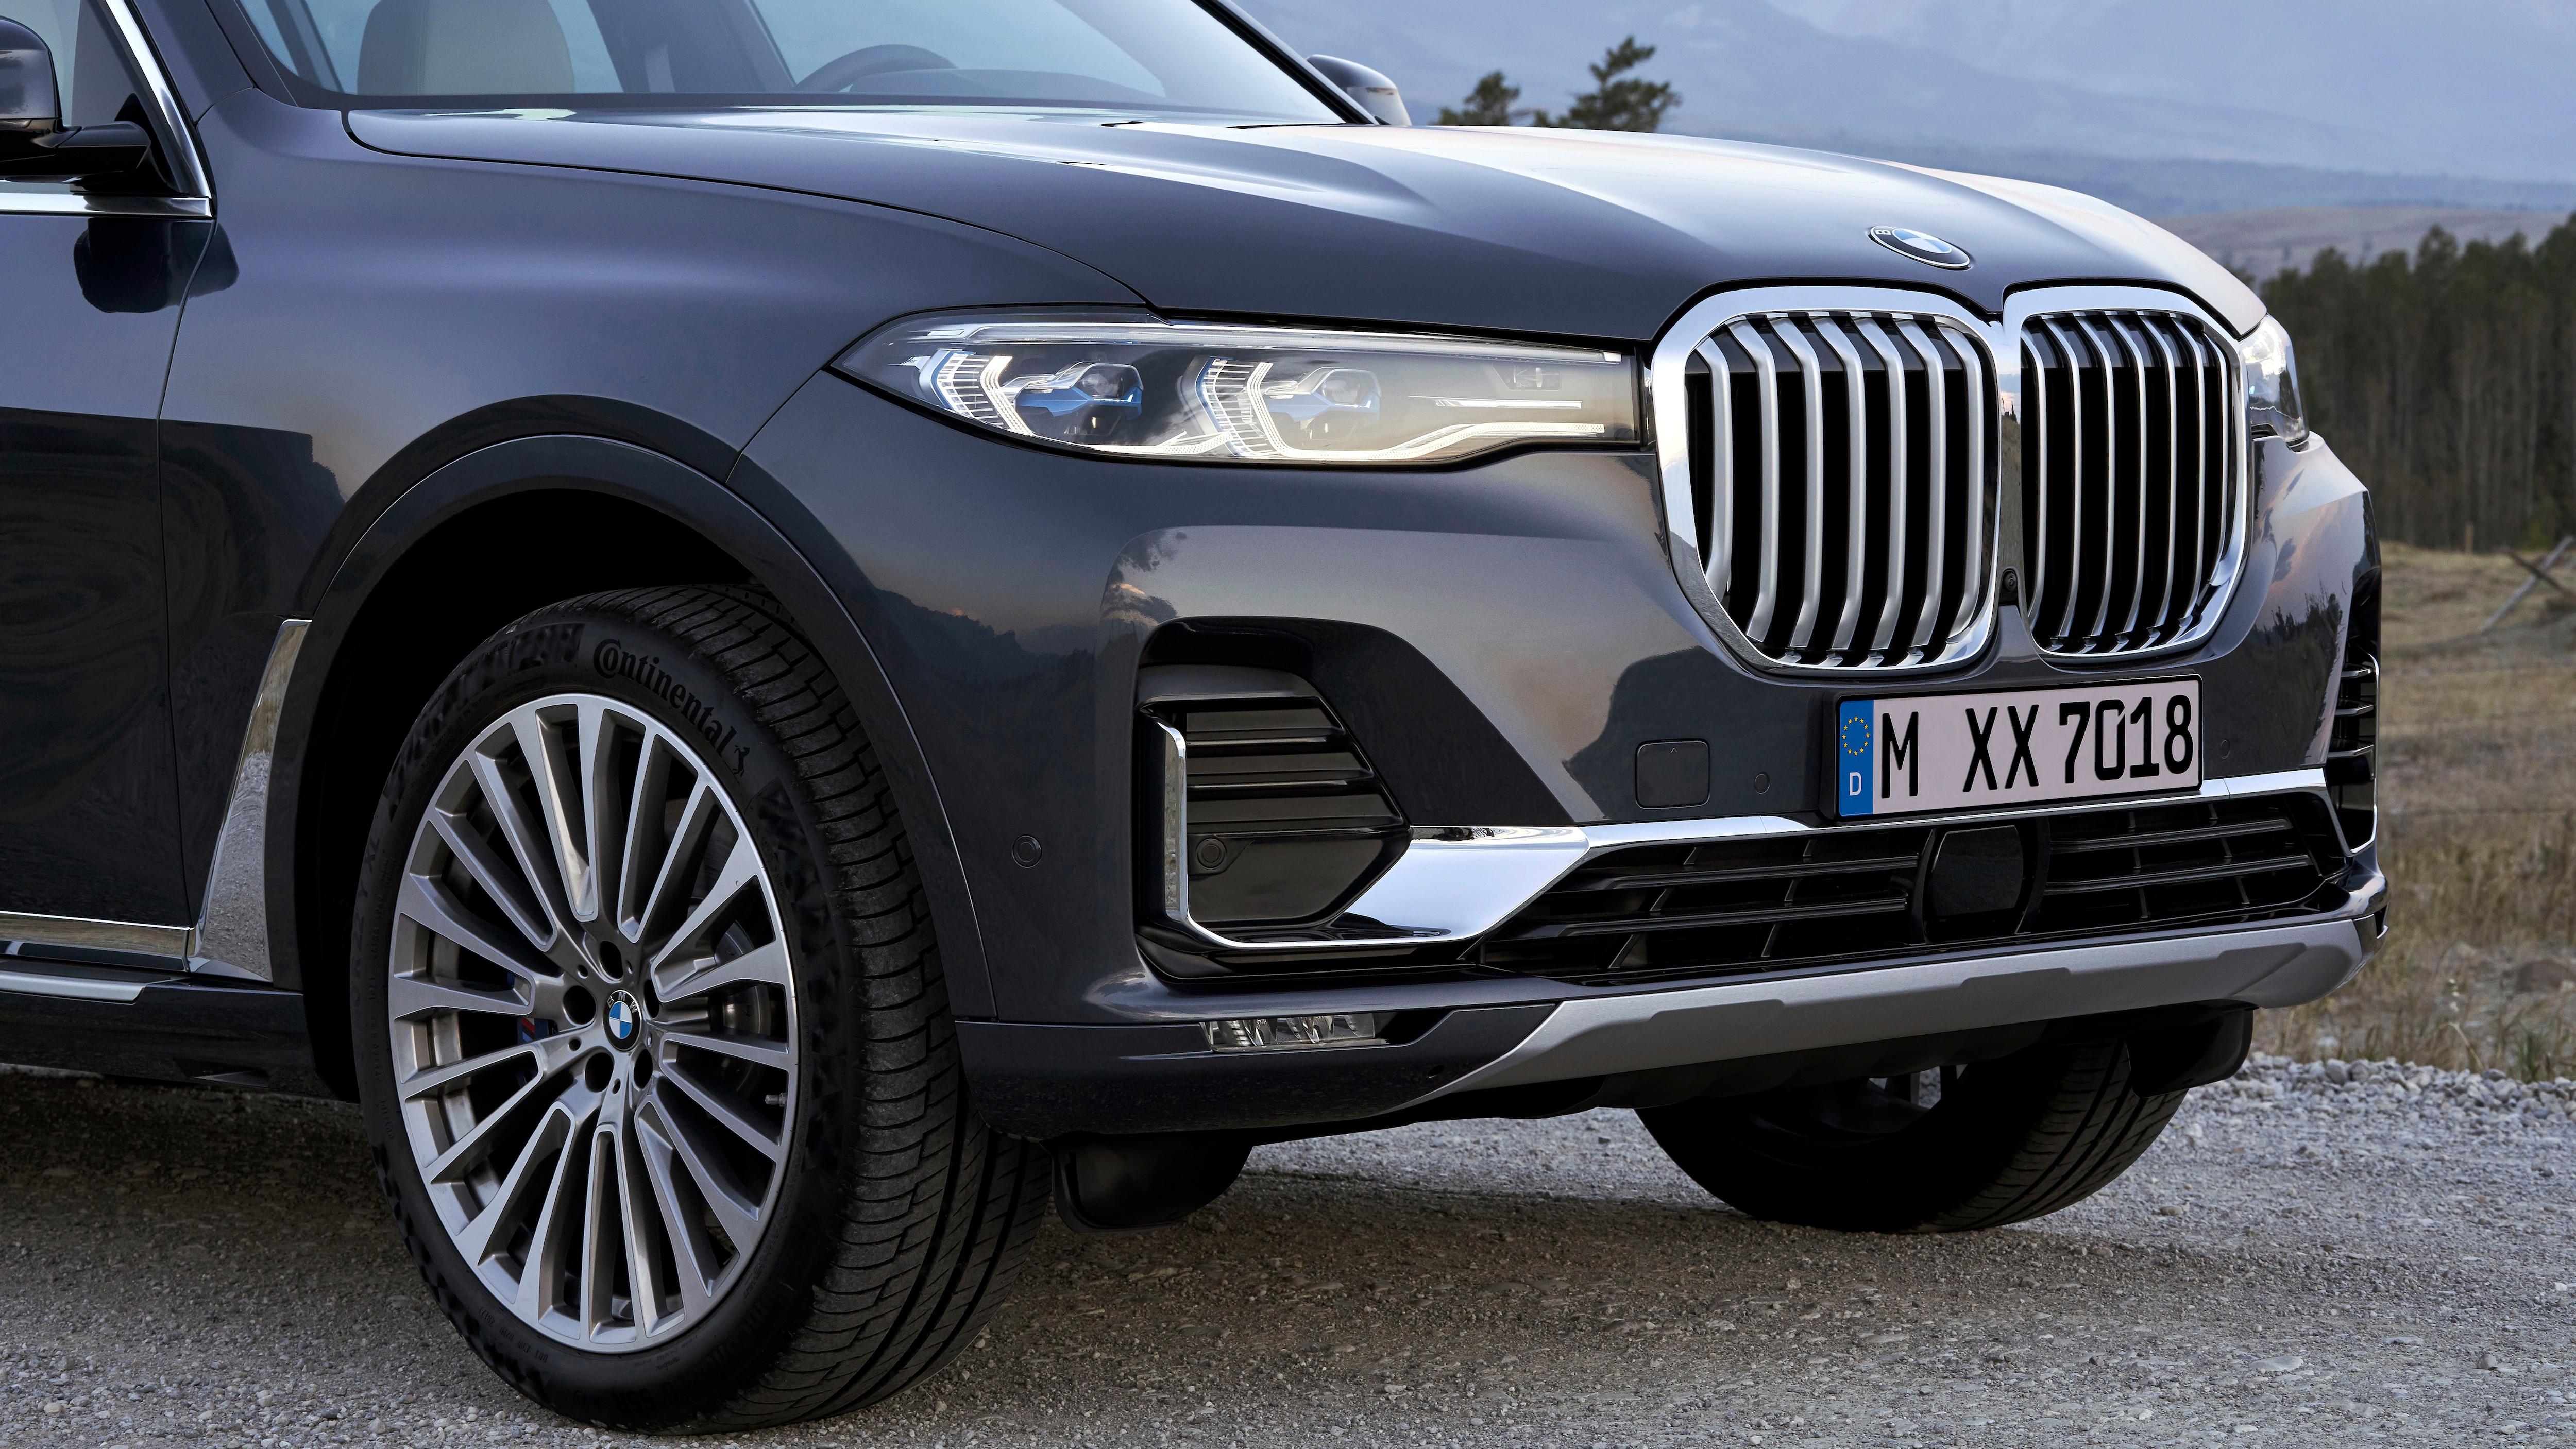 2019 BMW X7 - Najväčšie SUV značky